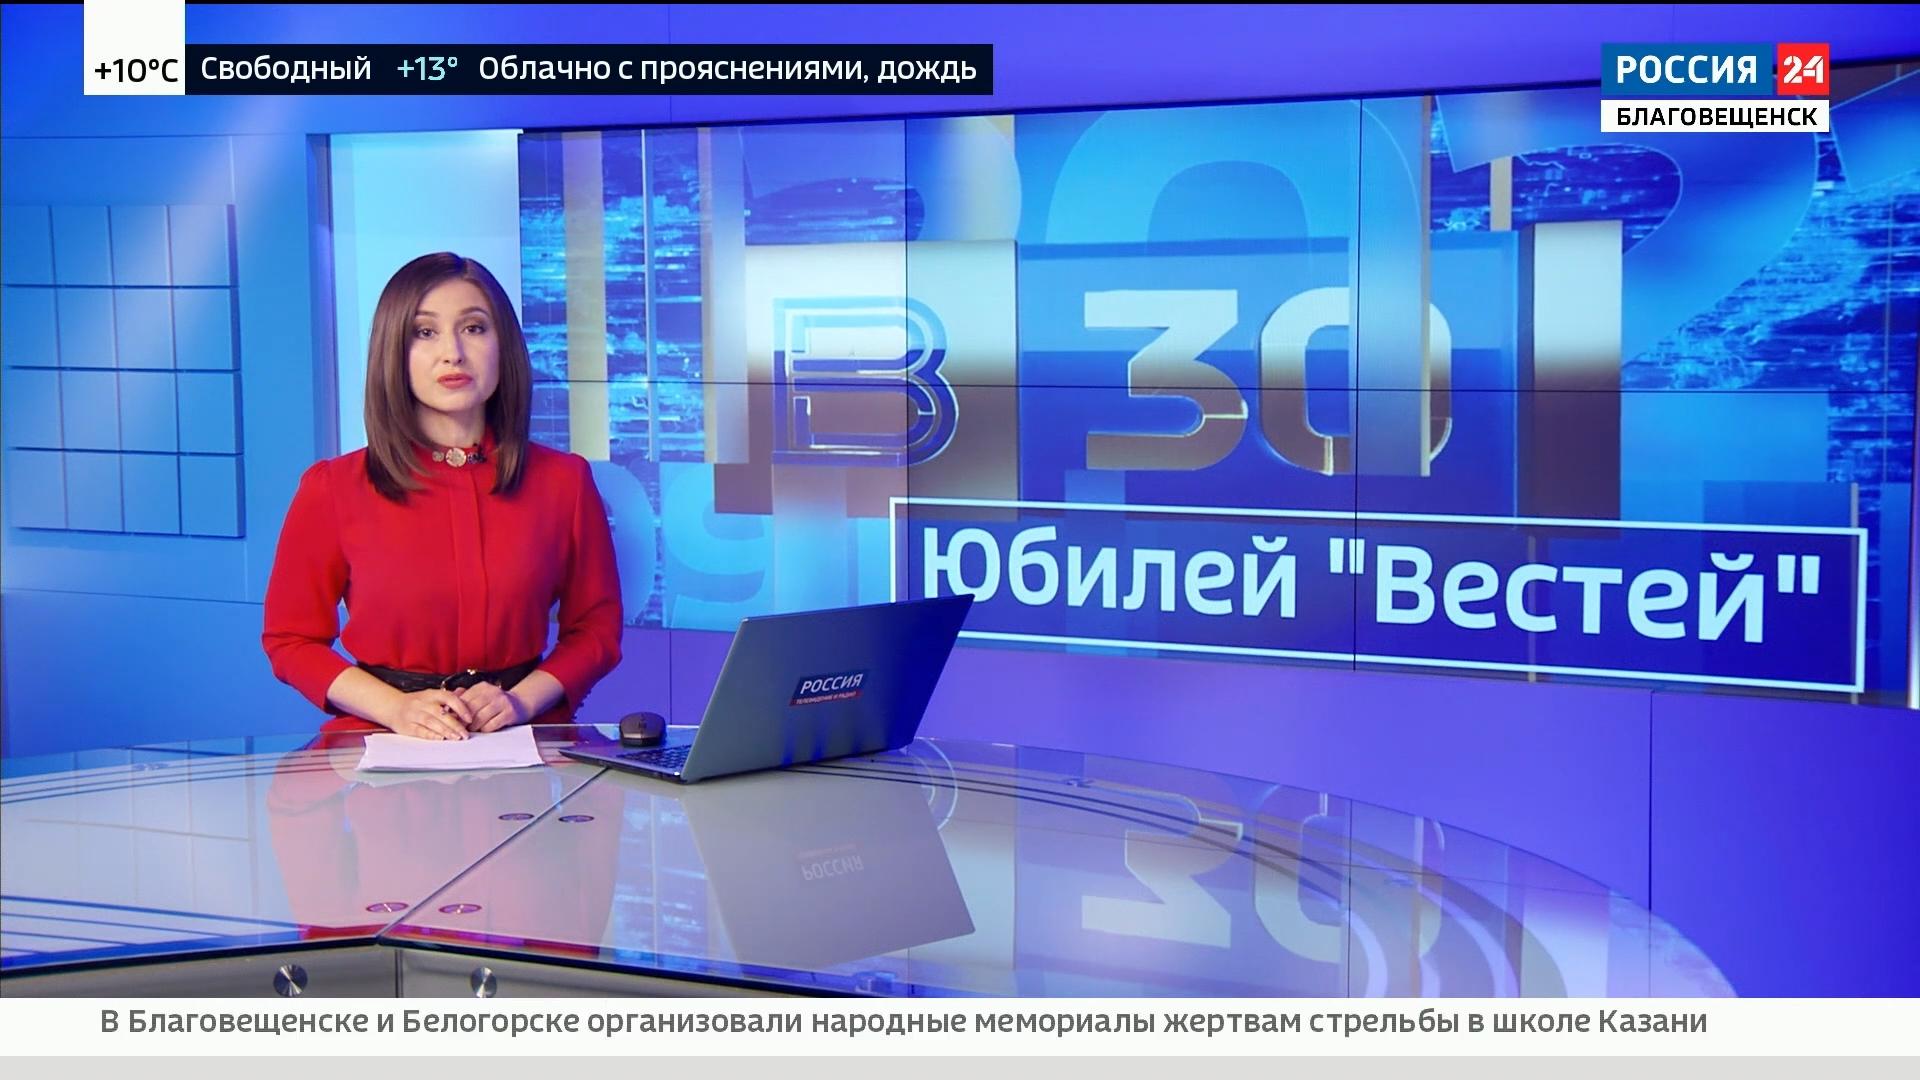 20210513_07-40--30 лет в эфире- сегодня ВГТРК празднует юбилей «Вестей»-pic01